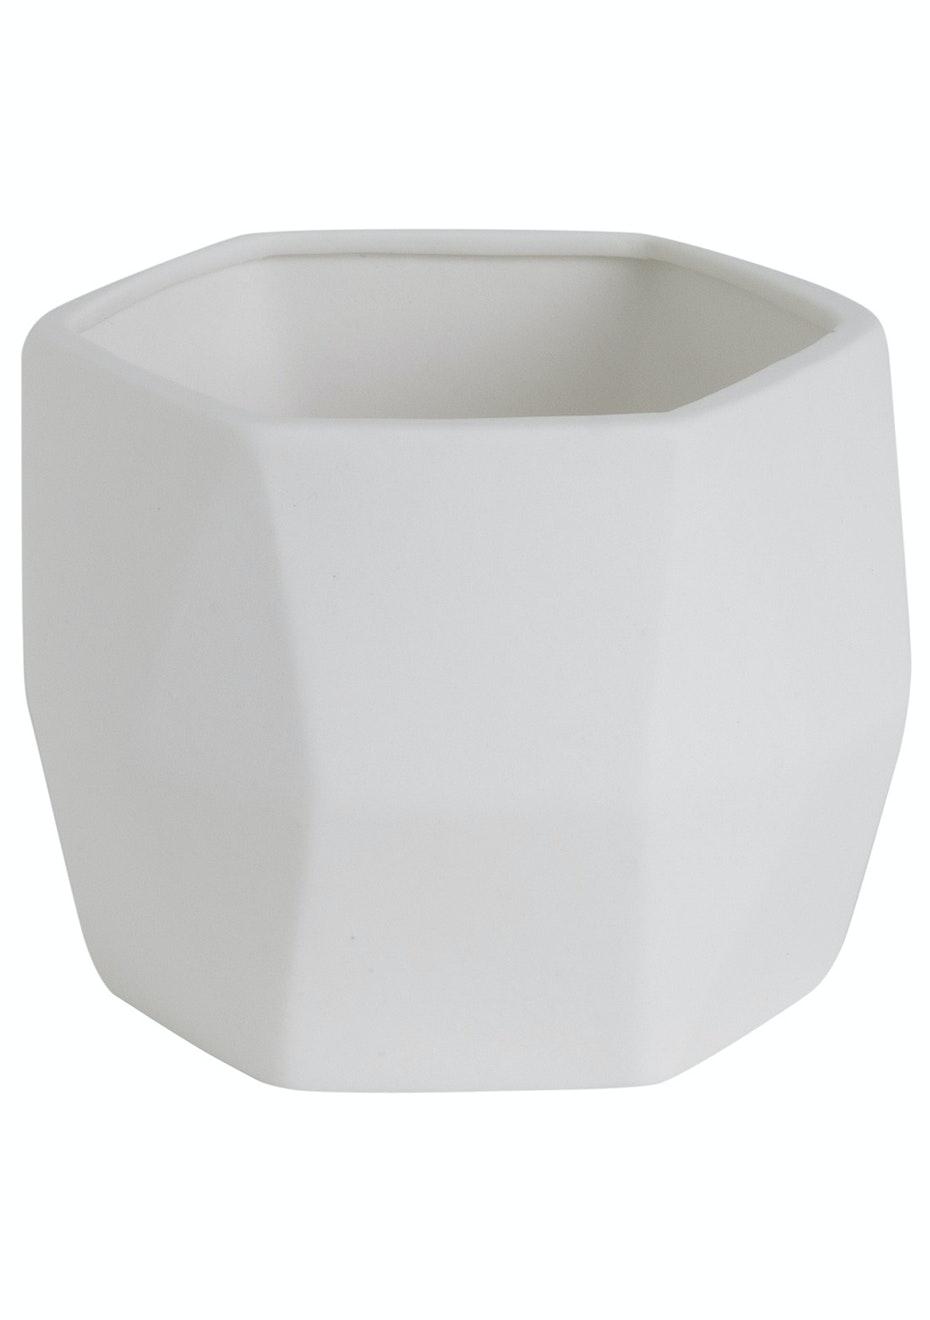 Jason - Ceramic Geormetric Vase - White